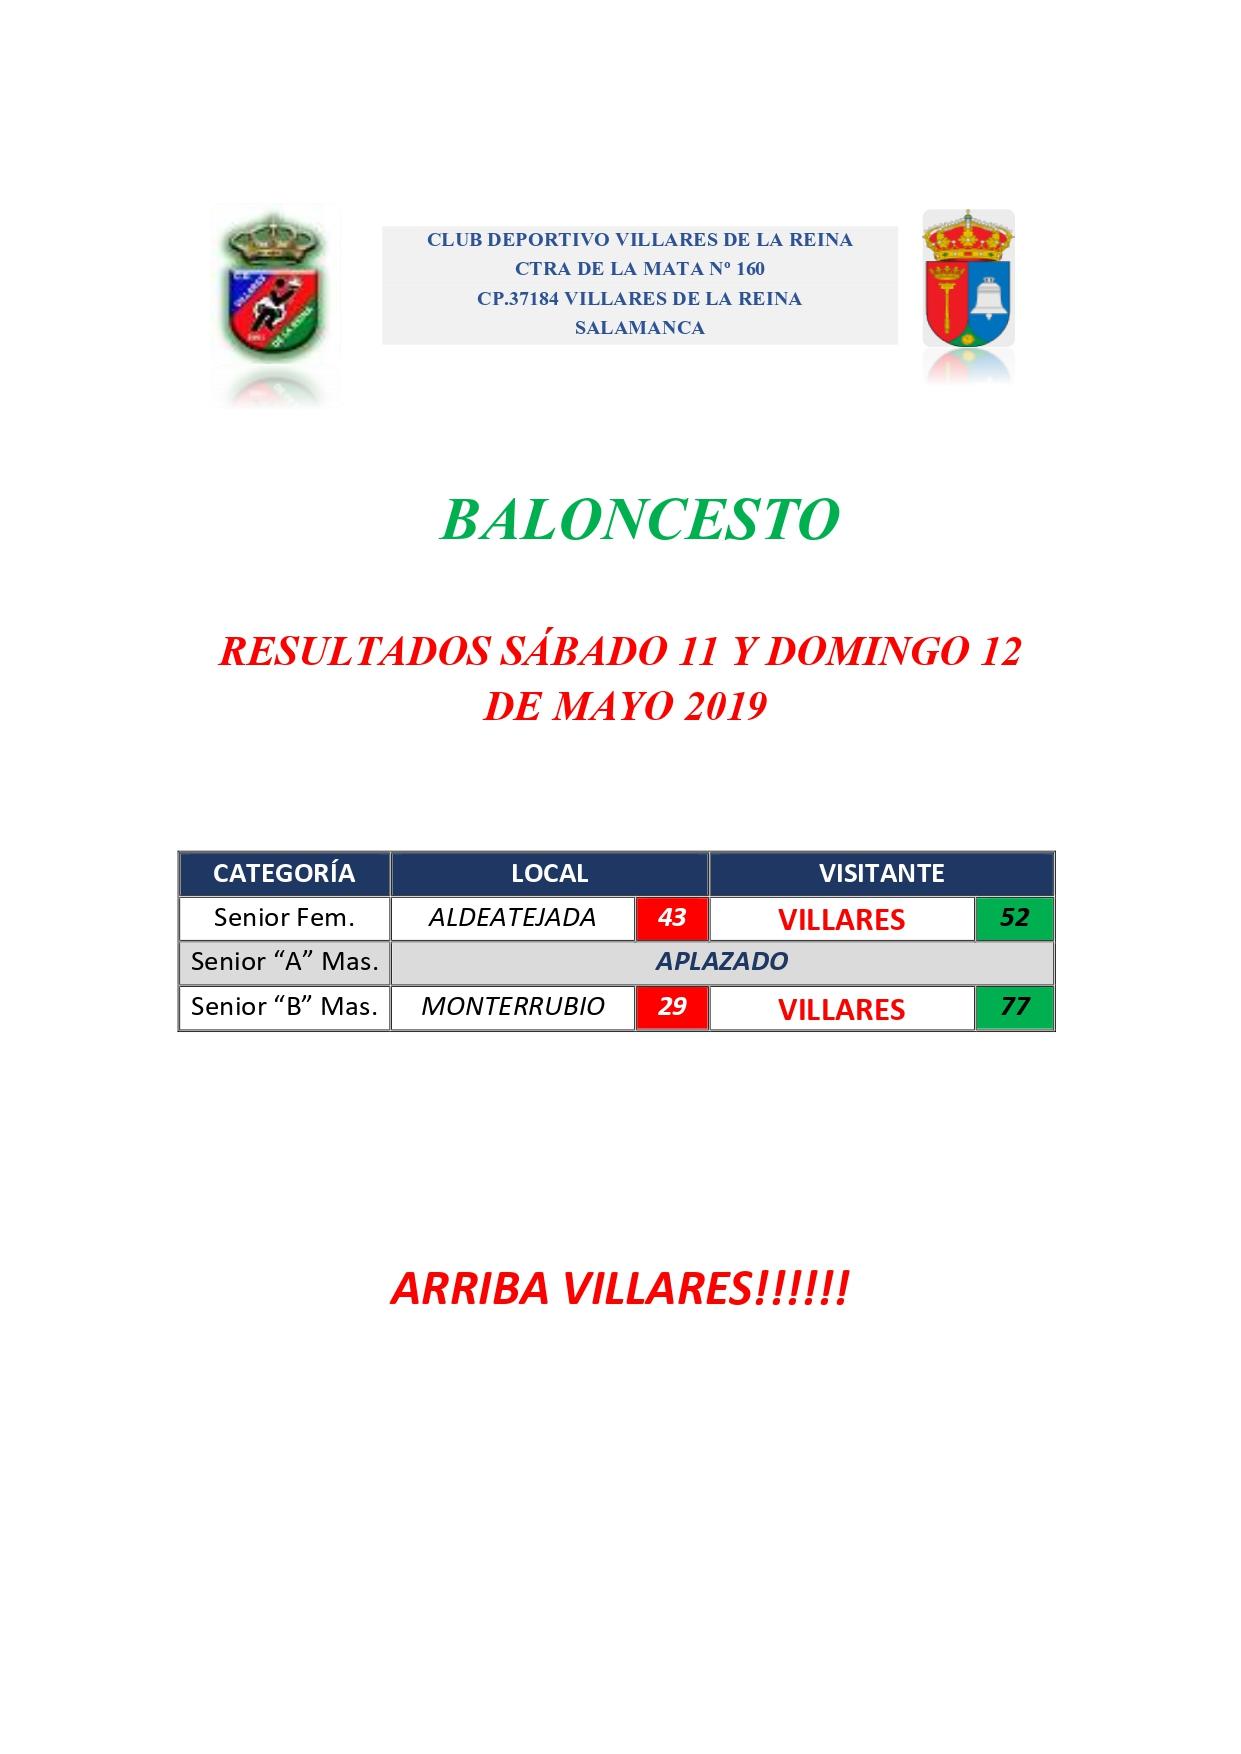 RESULTADOS DE BALONCESTO S�BADO 11 Y DOMINGO 12 DE MAYO